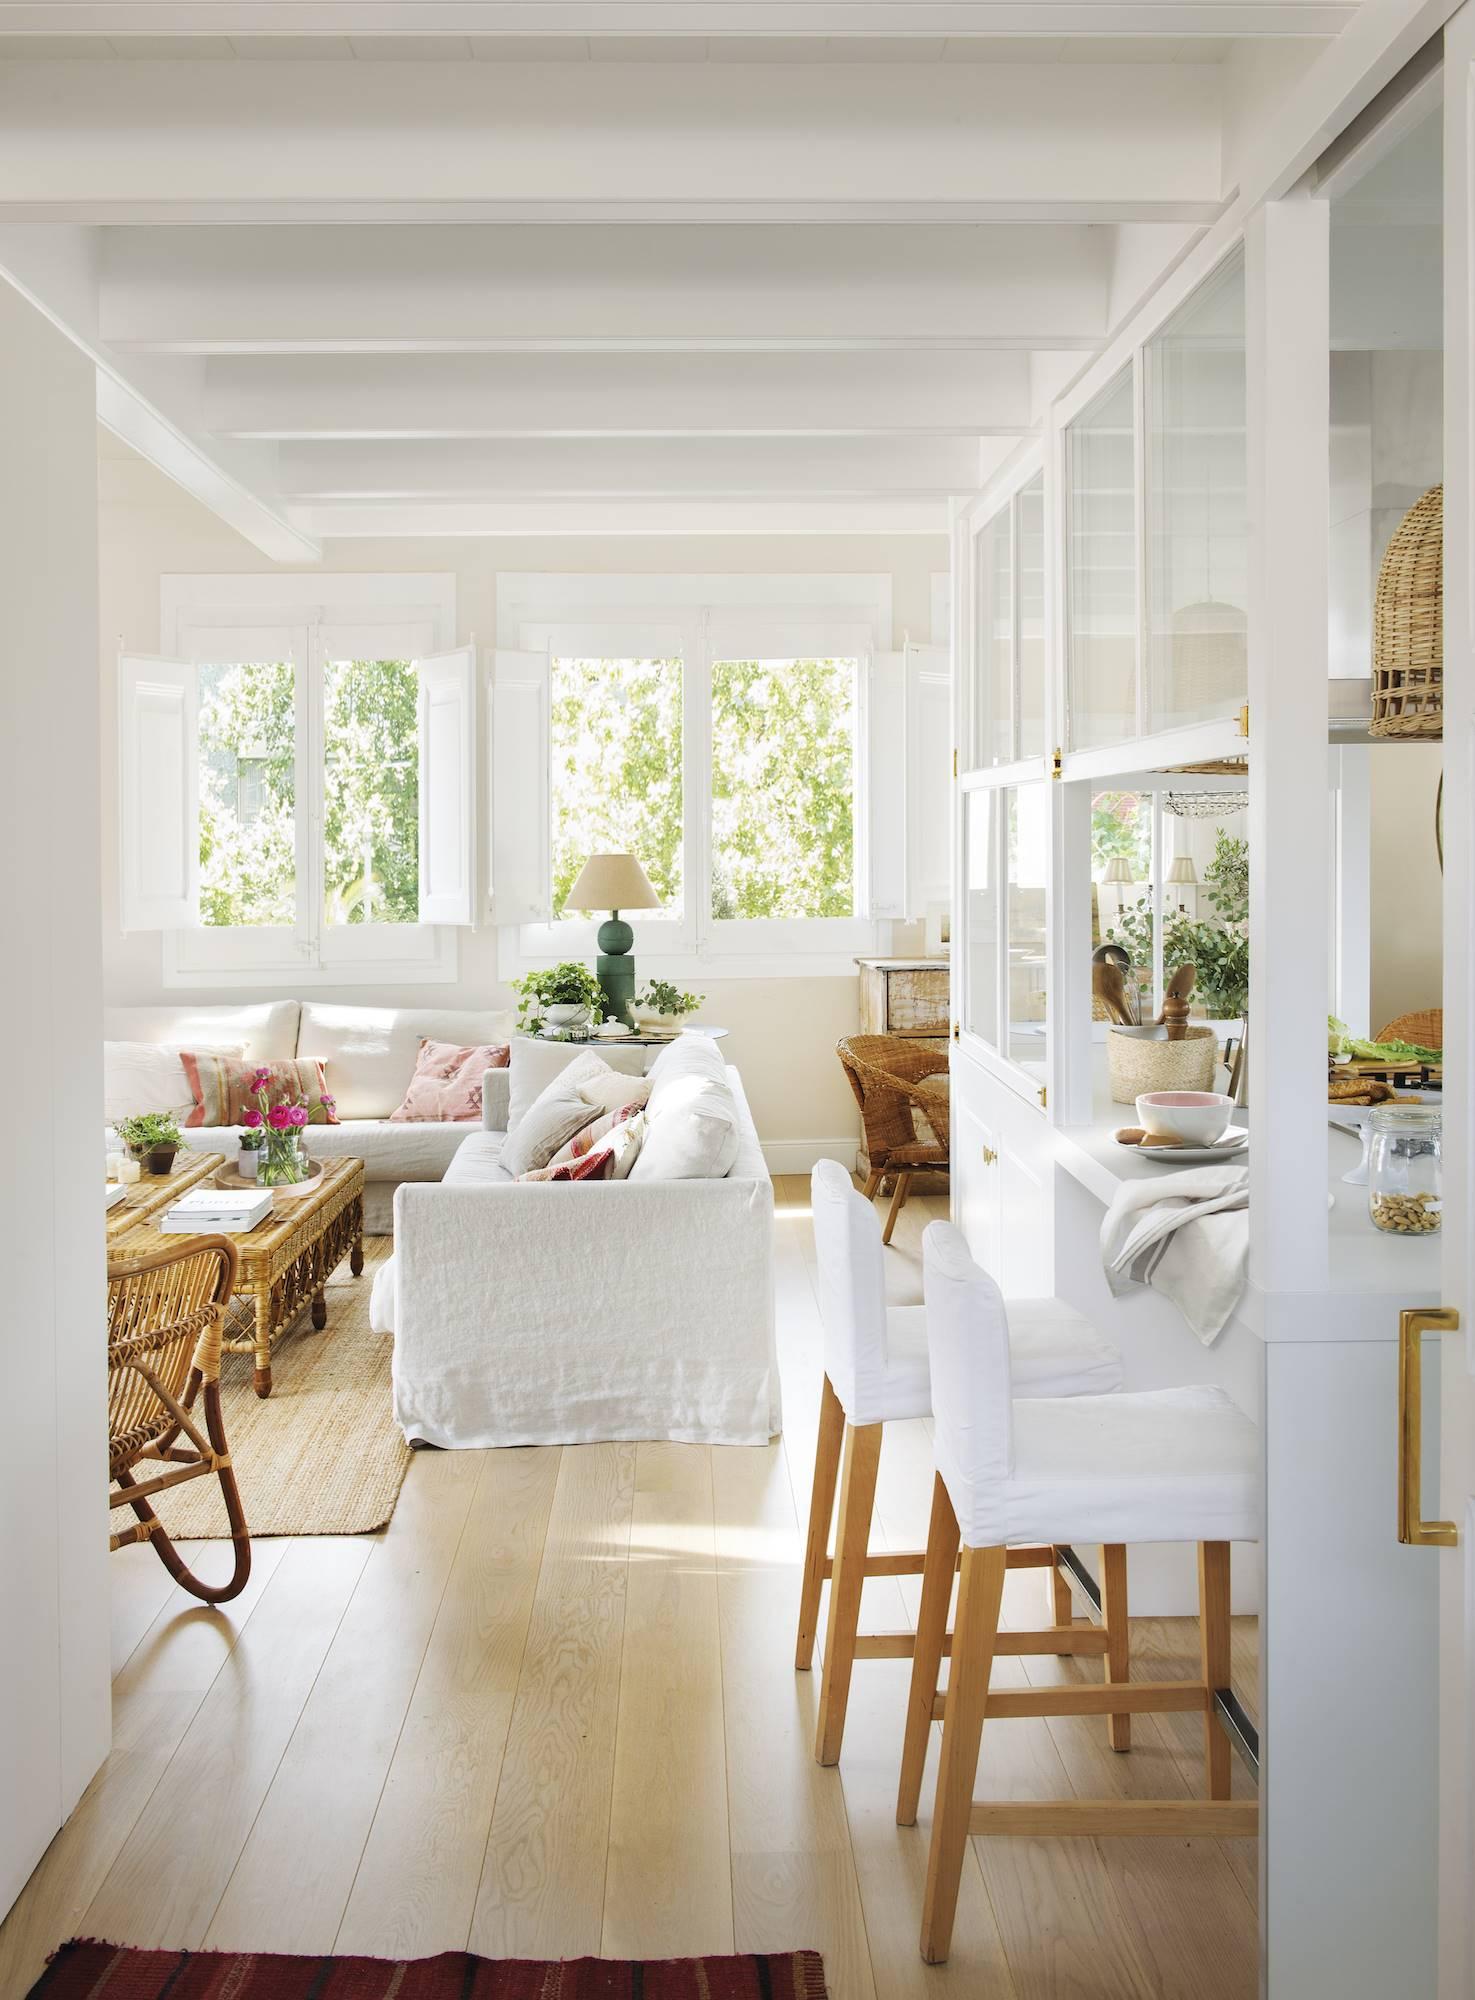 50 cocinas abiertas e integradas en el sal n o comedor for Separacion de muebles cocina comedor